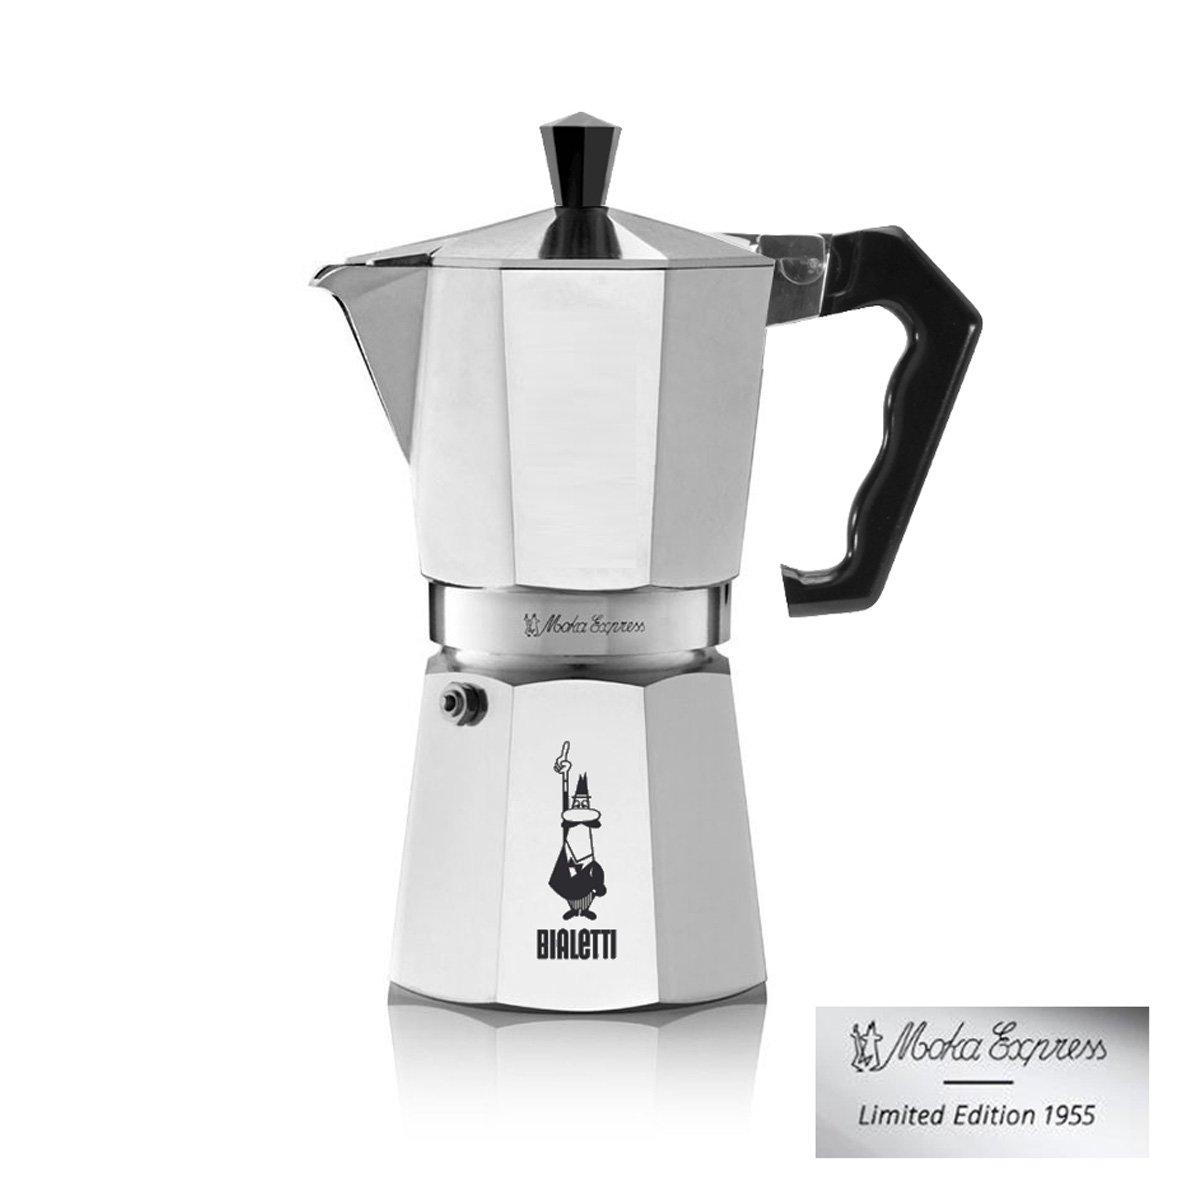 Bialetti 6008 Espressokocher 6 Tassen, Aluminium, schwarz, 30 x 20 x 15 cm